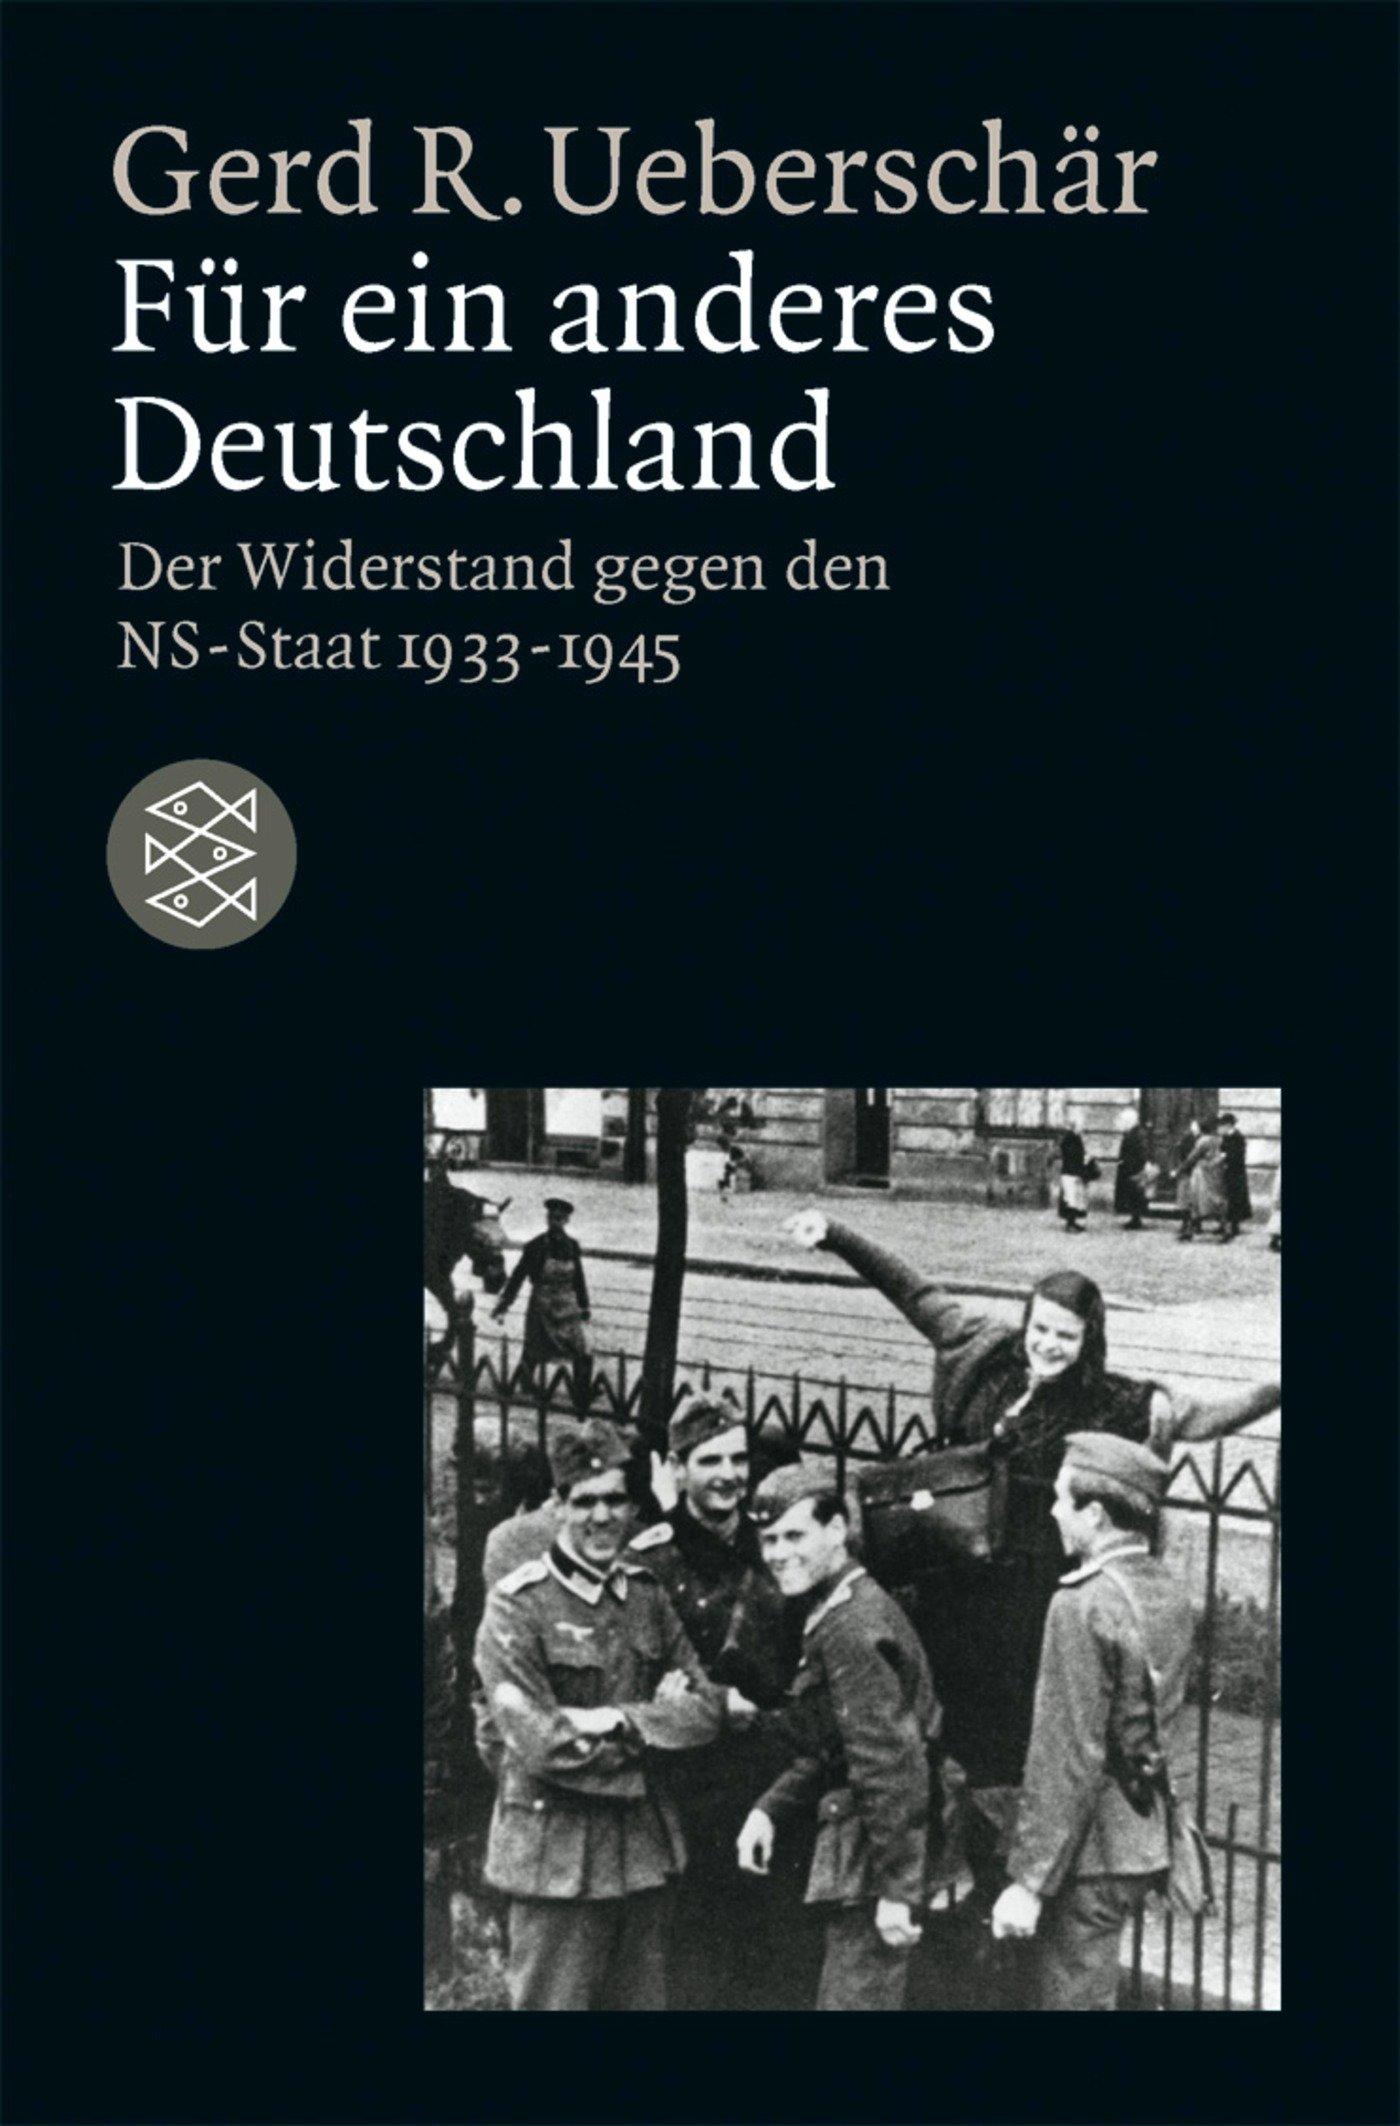 Für ein anderes Deutschland: Der deutsche Widerstand gegen den NS-Staat 1933-1945 (Die Zeit des Nationalsozialismus)